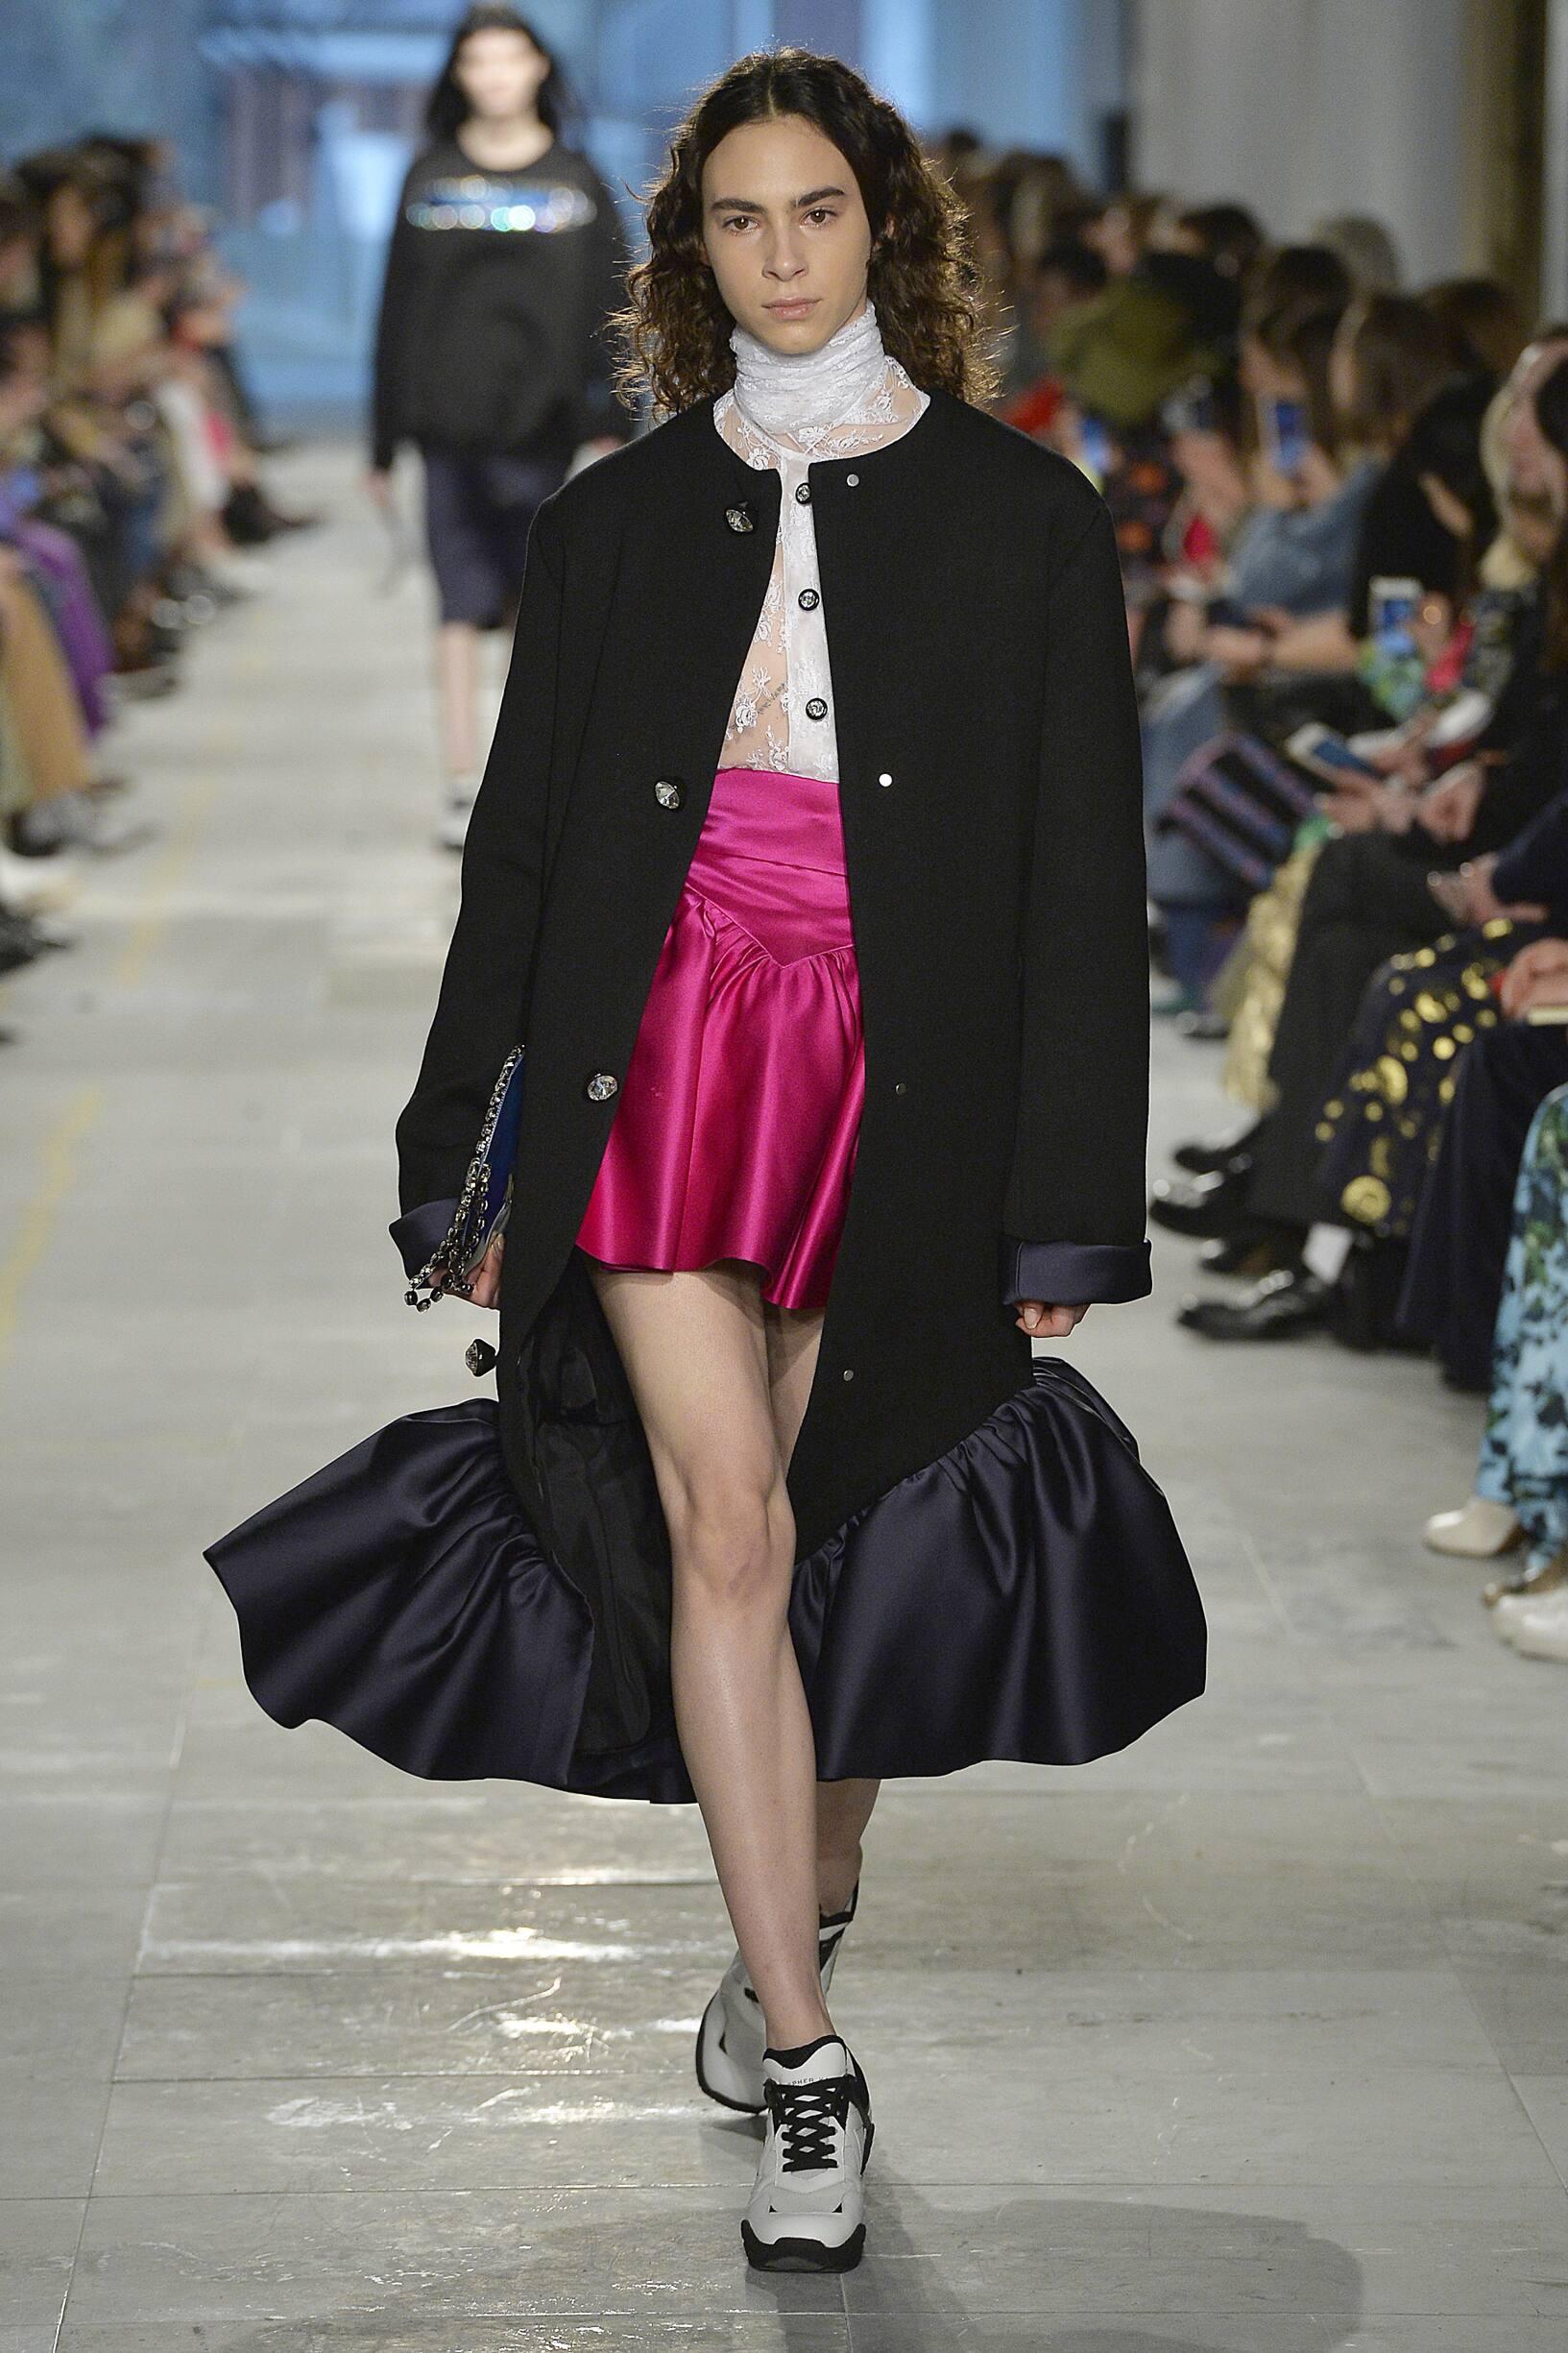 Fashion Show Woman Model Christopher Kane Catwalk